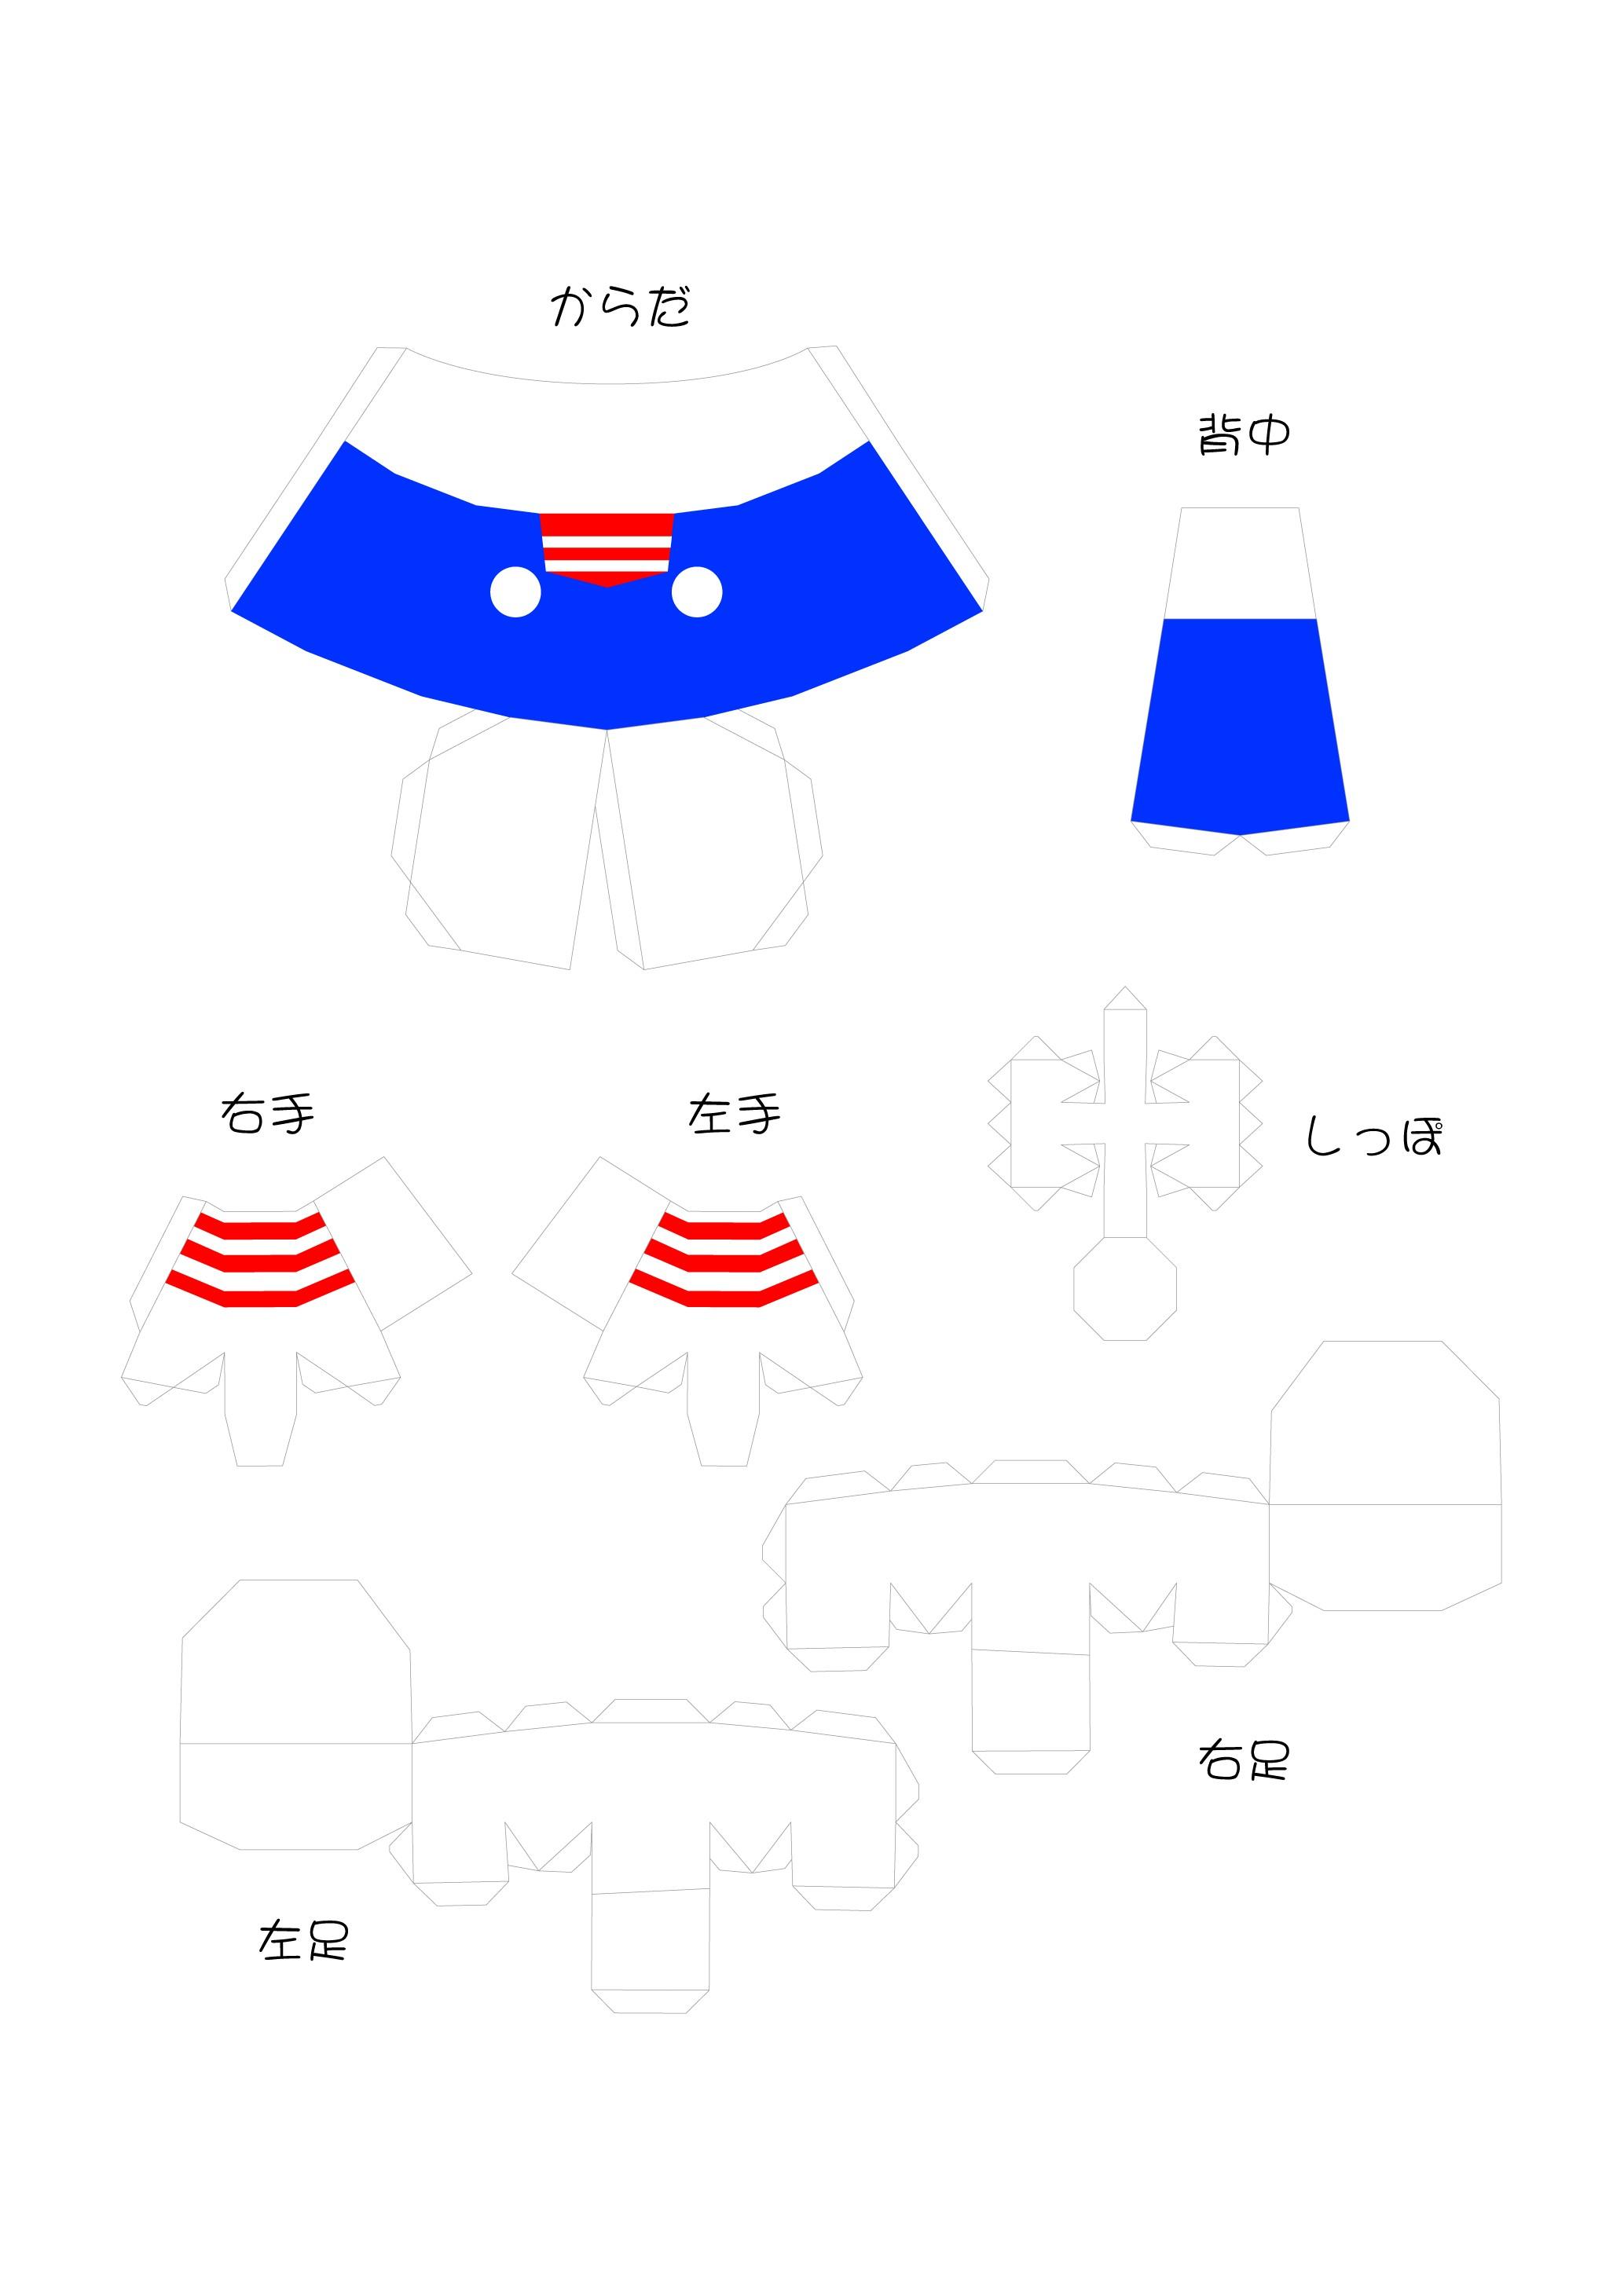 Nintendo Papercraft Hello Kitty Papercraft 2b 2067—2923